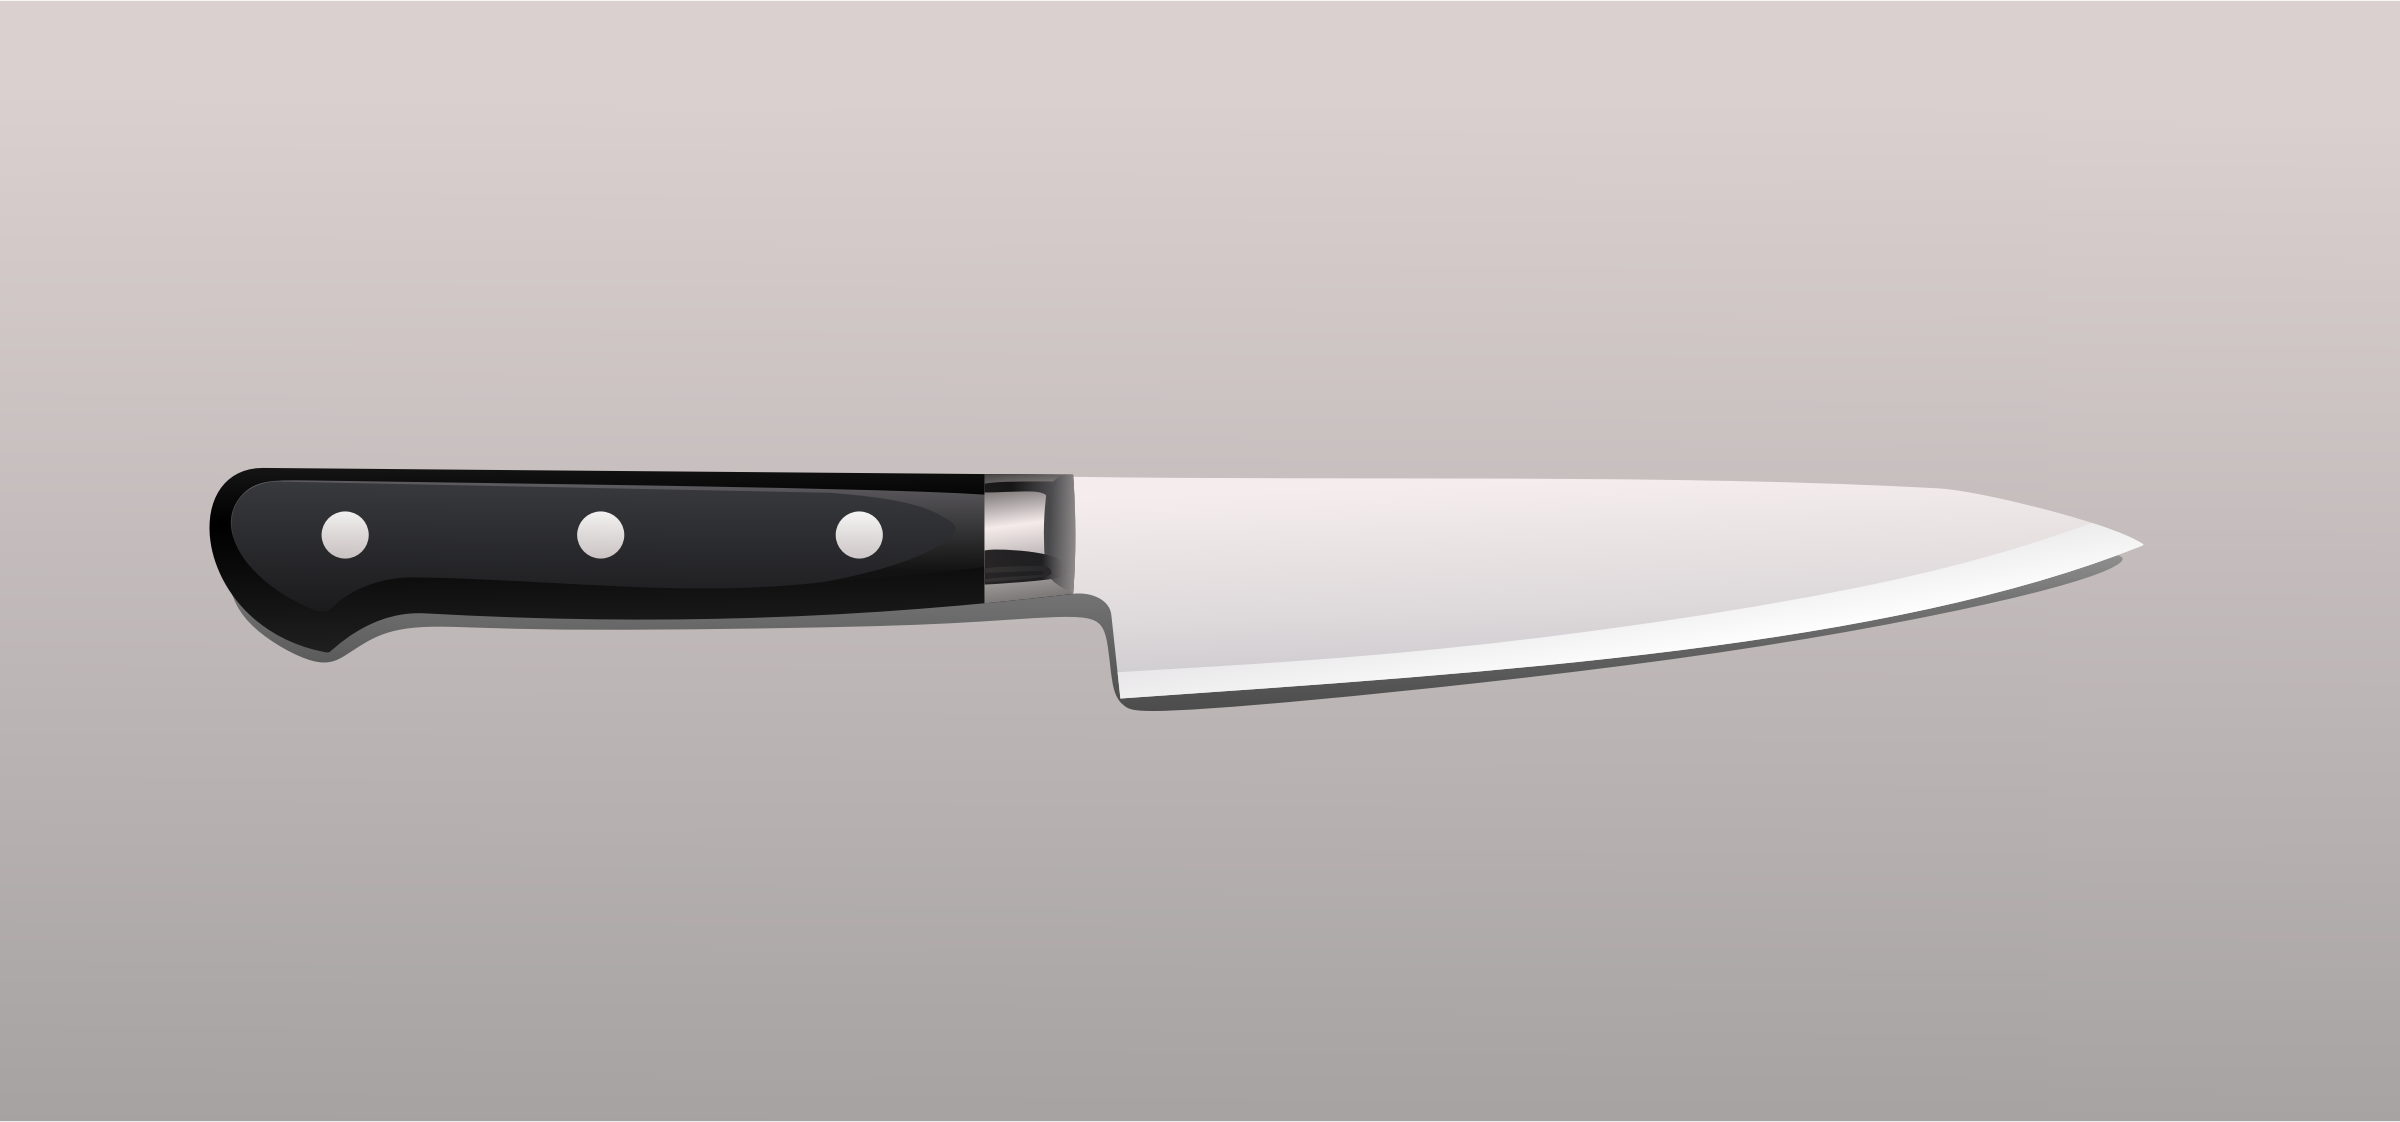 Khife clipart kitchen knife Realistic Kitchen Kitchen Clipart Knife